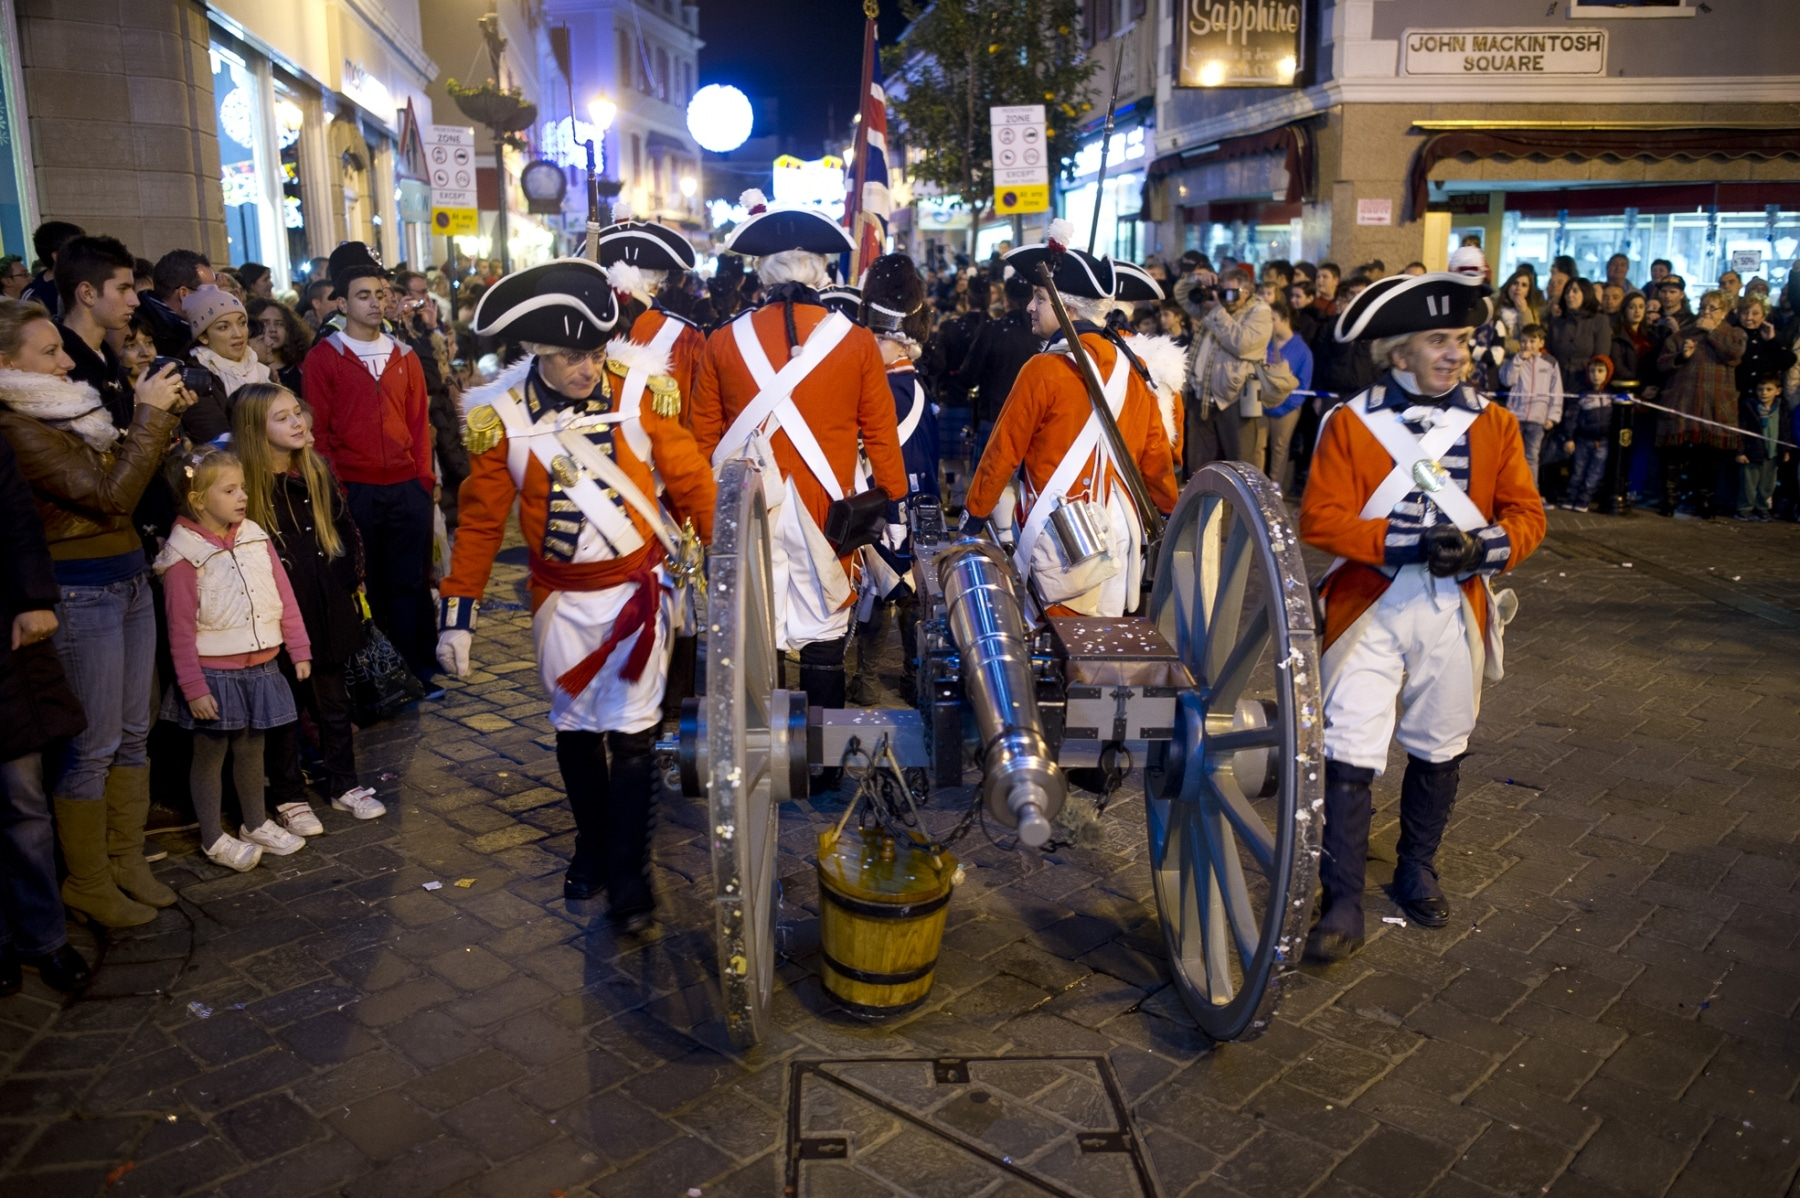 5-enero-2014-cabalgata-de-reyes-gibraltar-04_16034488070_o